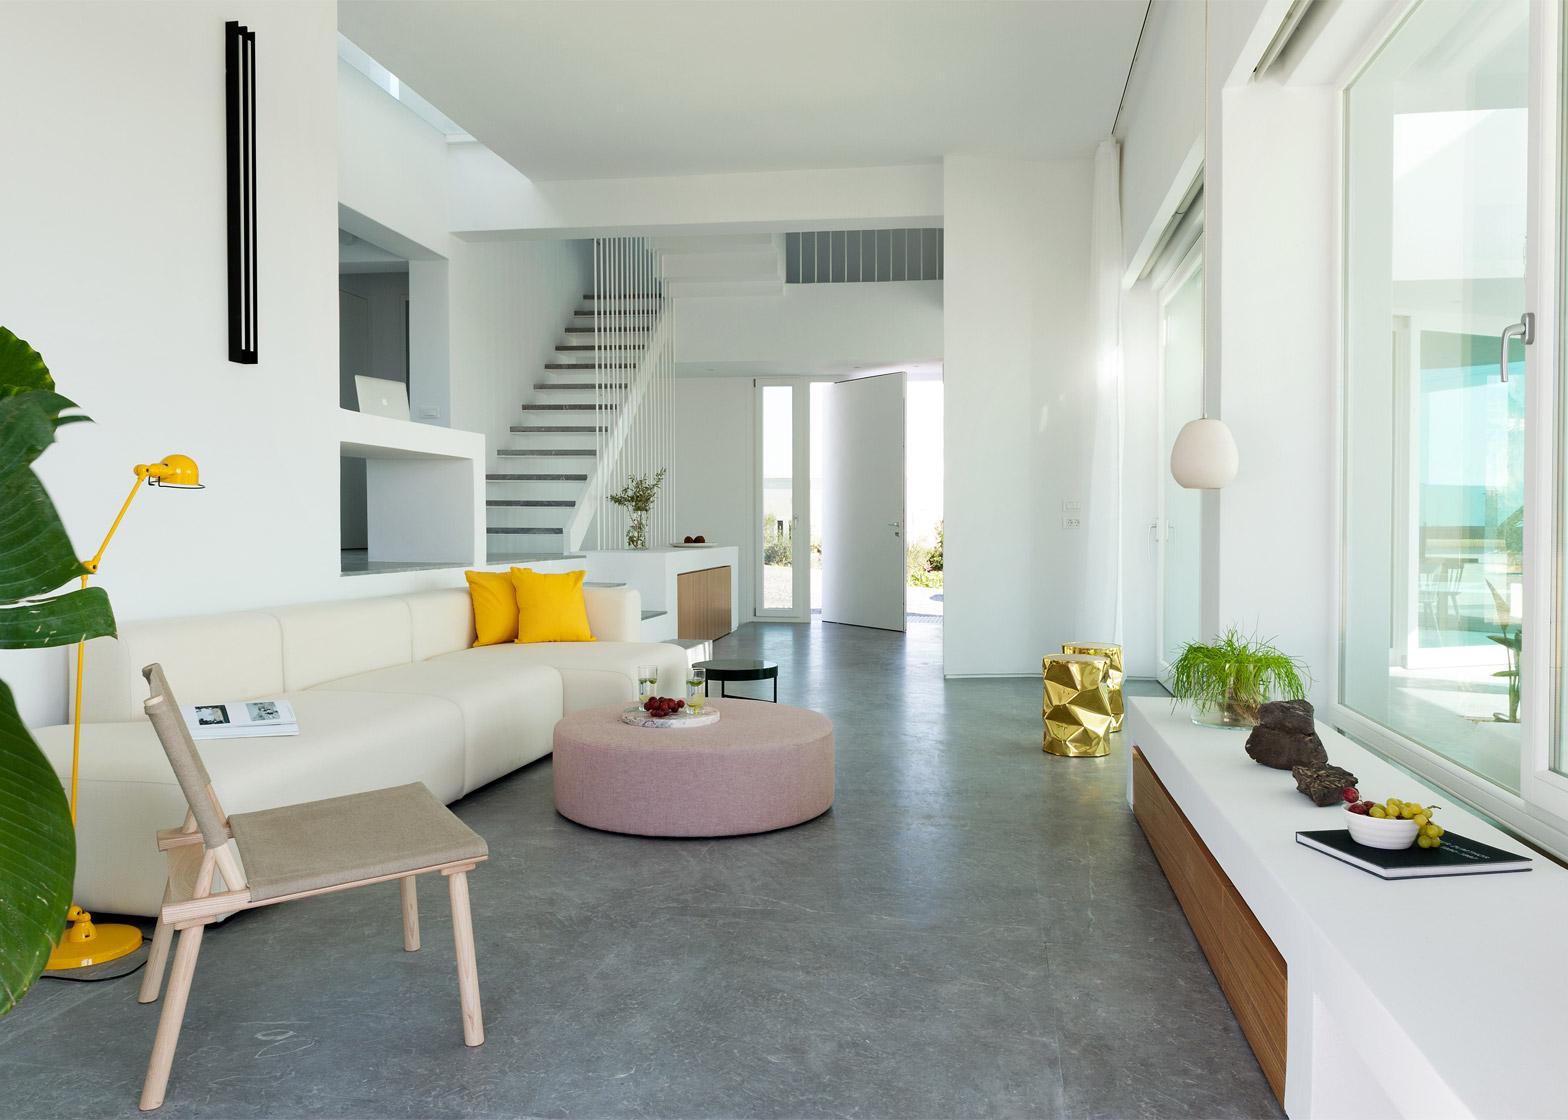 Summer-House-in-Santorini_Kapsimalis-Architects_dezeen_1568_13